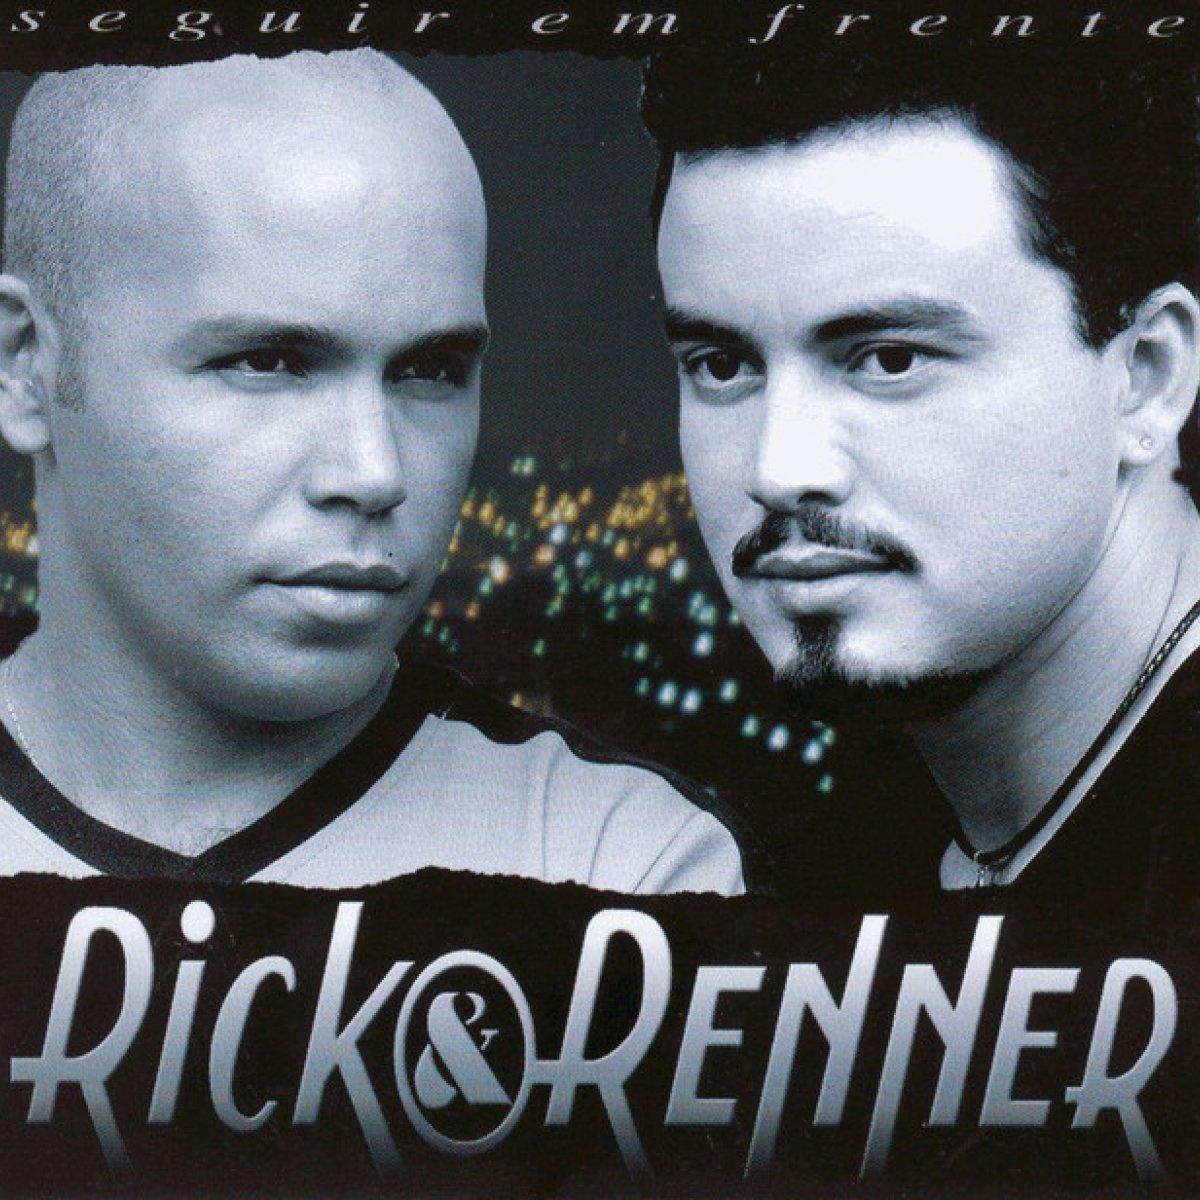 Seguir em frente - Rick e Renner